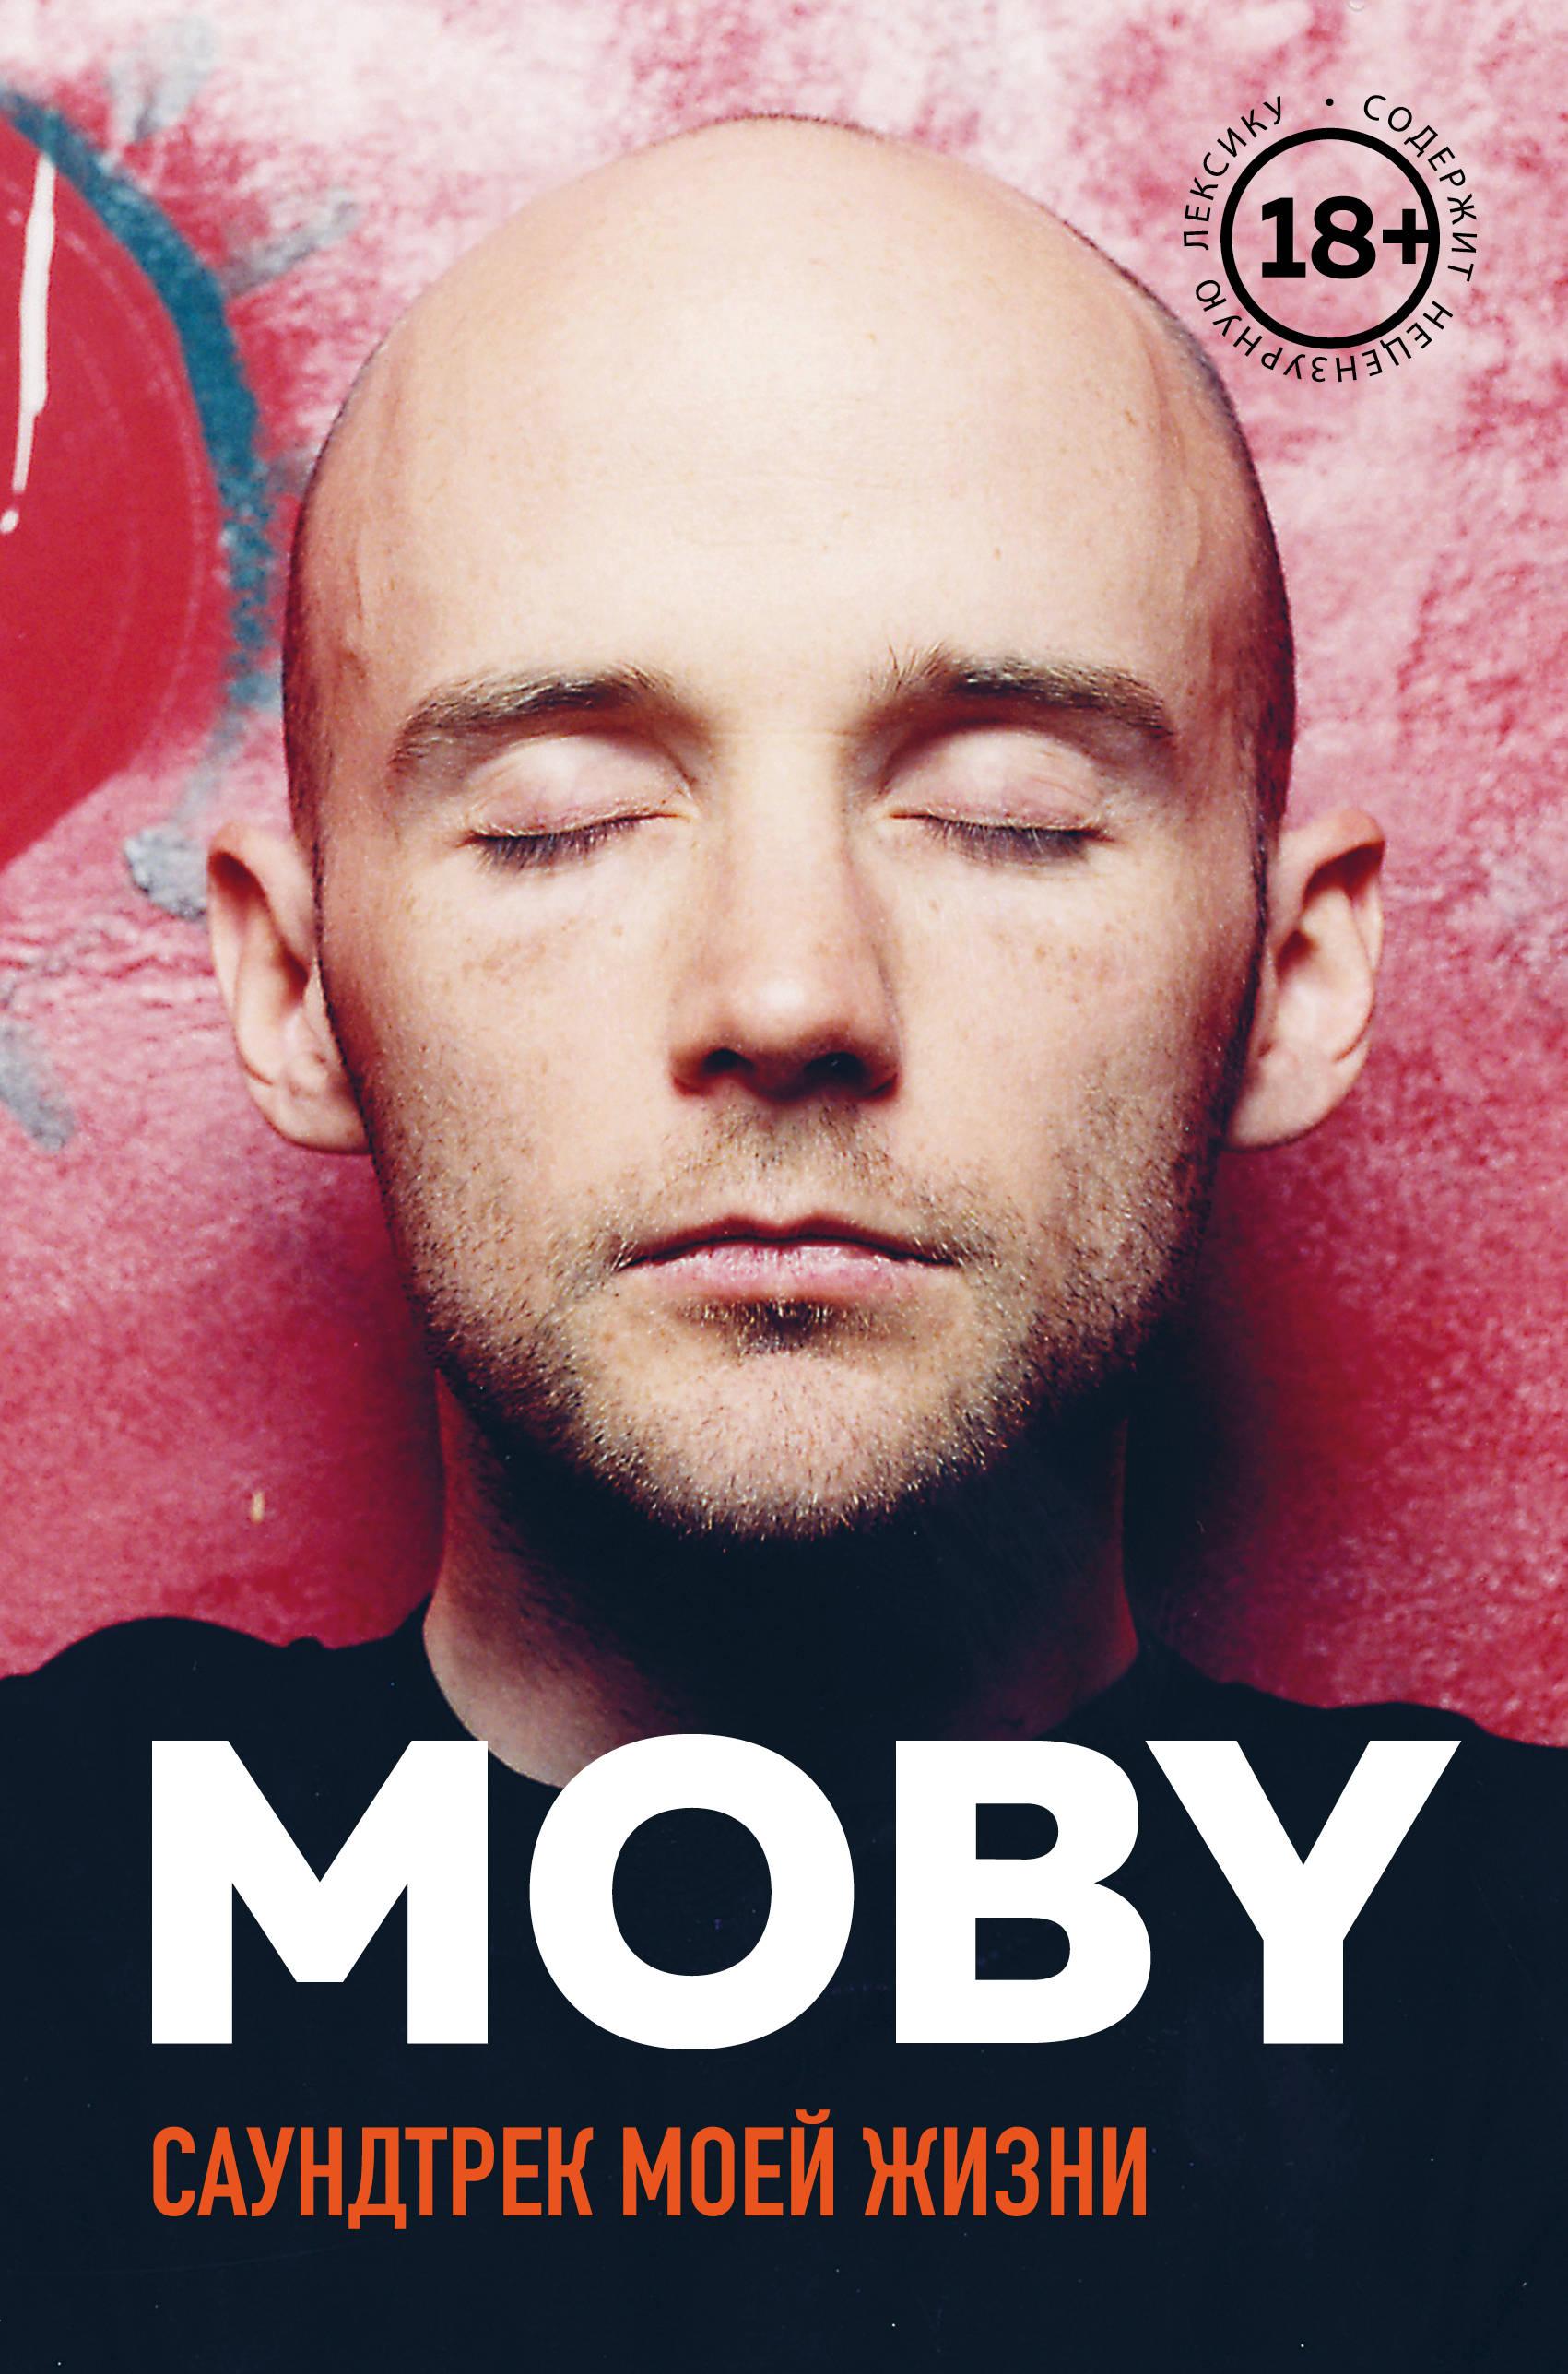 MOBY. Саундтрек моей жизни. Автобиография музыканта